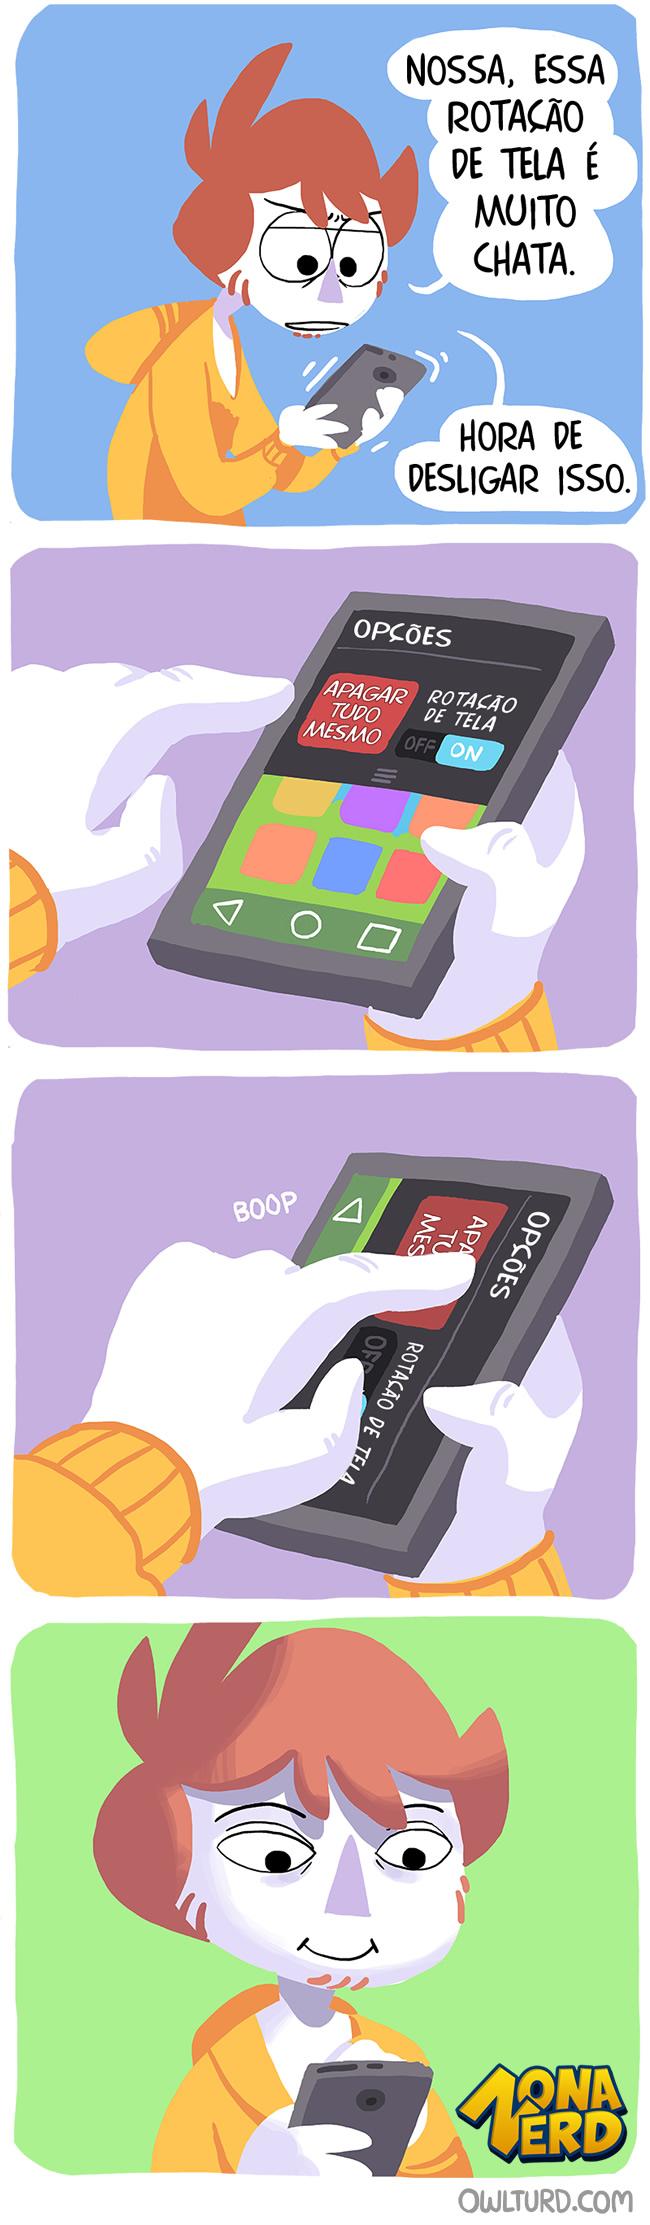 rotacao de tela smartphone celular